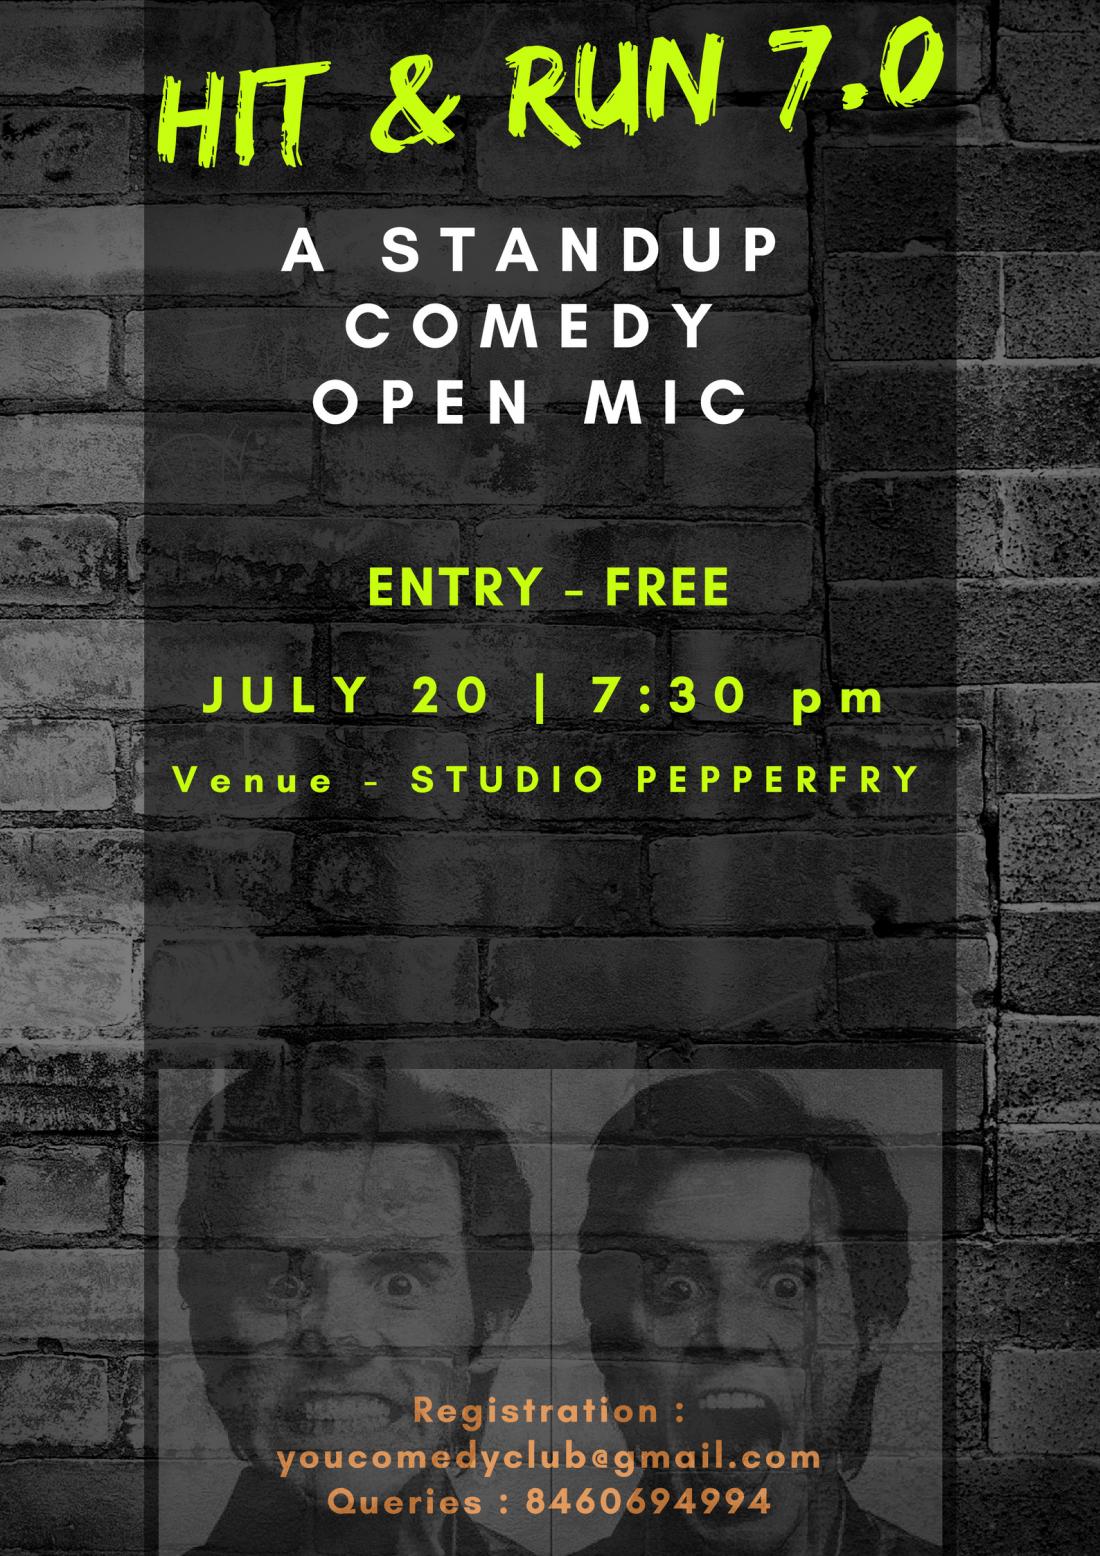 Hit & Run 7.0 - A standup comedy open mic